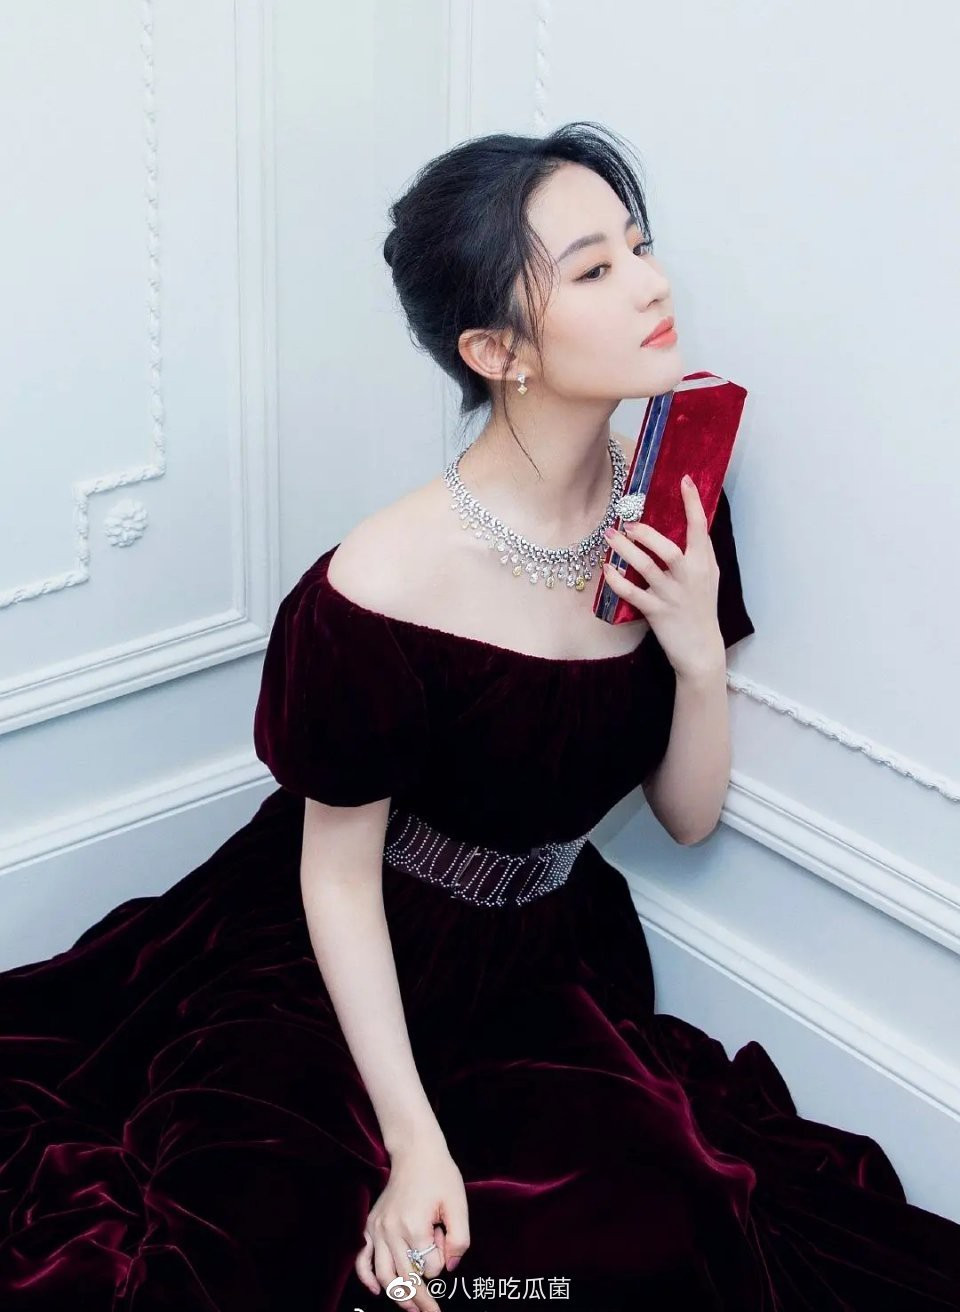 Hội ngộ 1 sự kiện: Song Hye Kyo make up đậm, diện đầm 2 dây quyến rũ, Lưu Diệc Phi nền nã chỉ khoe nhẹ vai trần